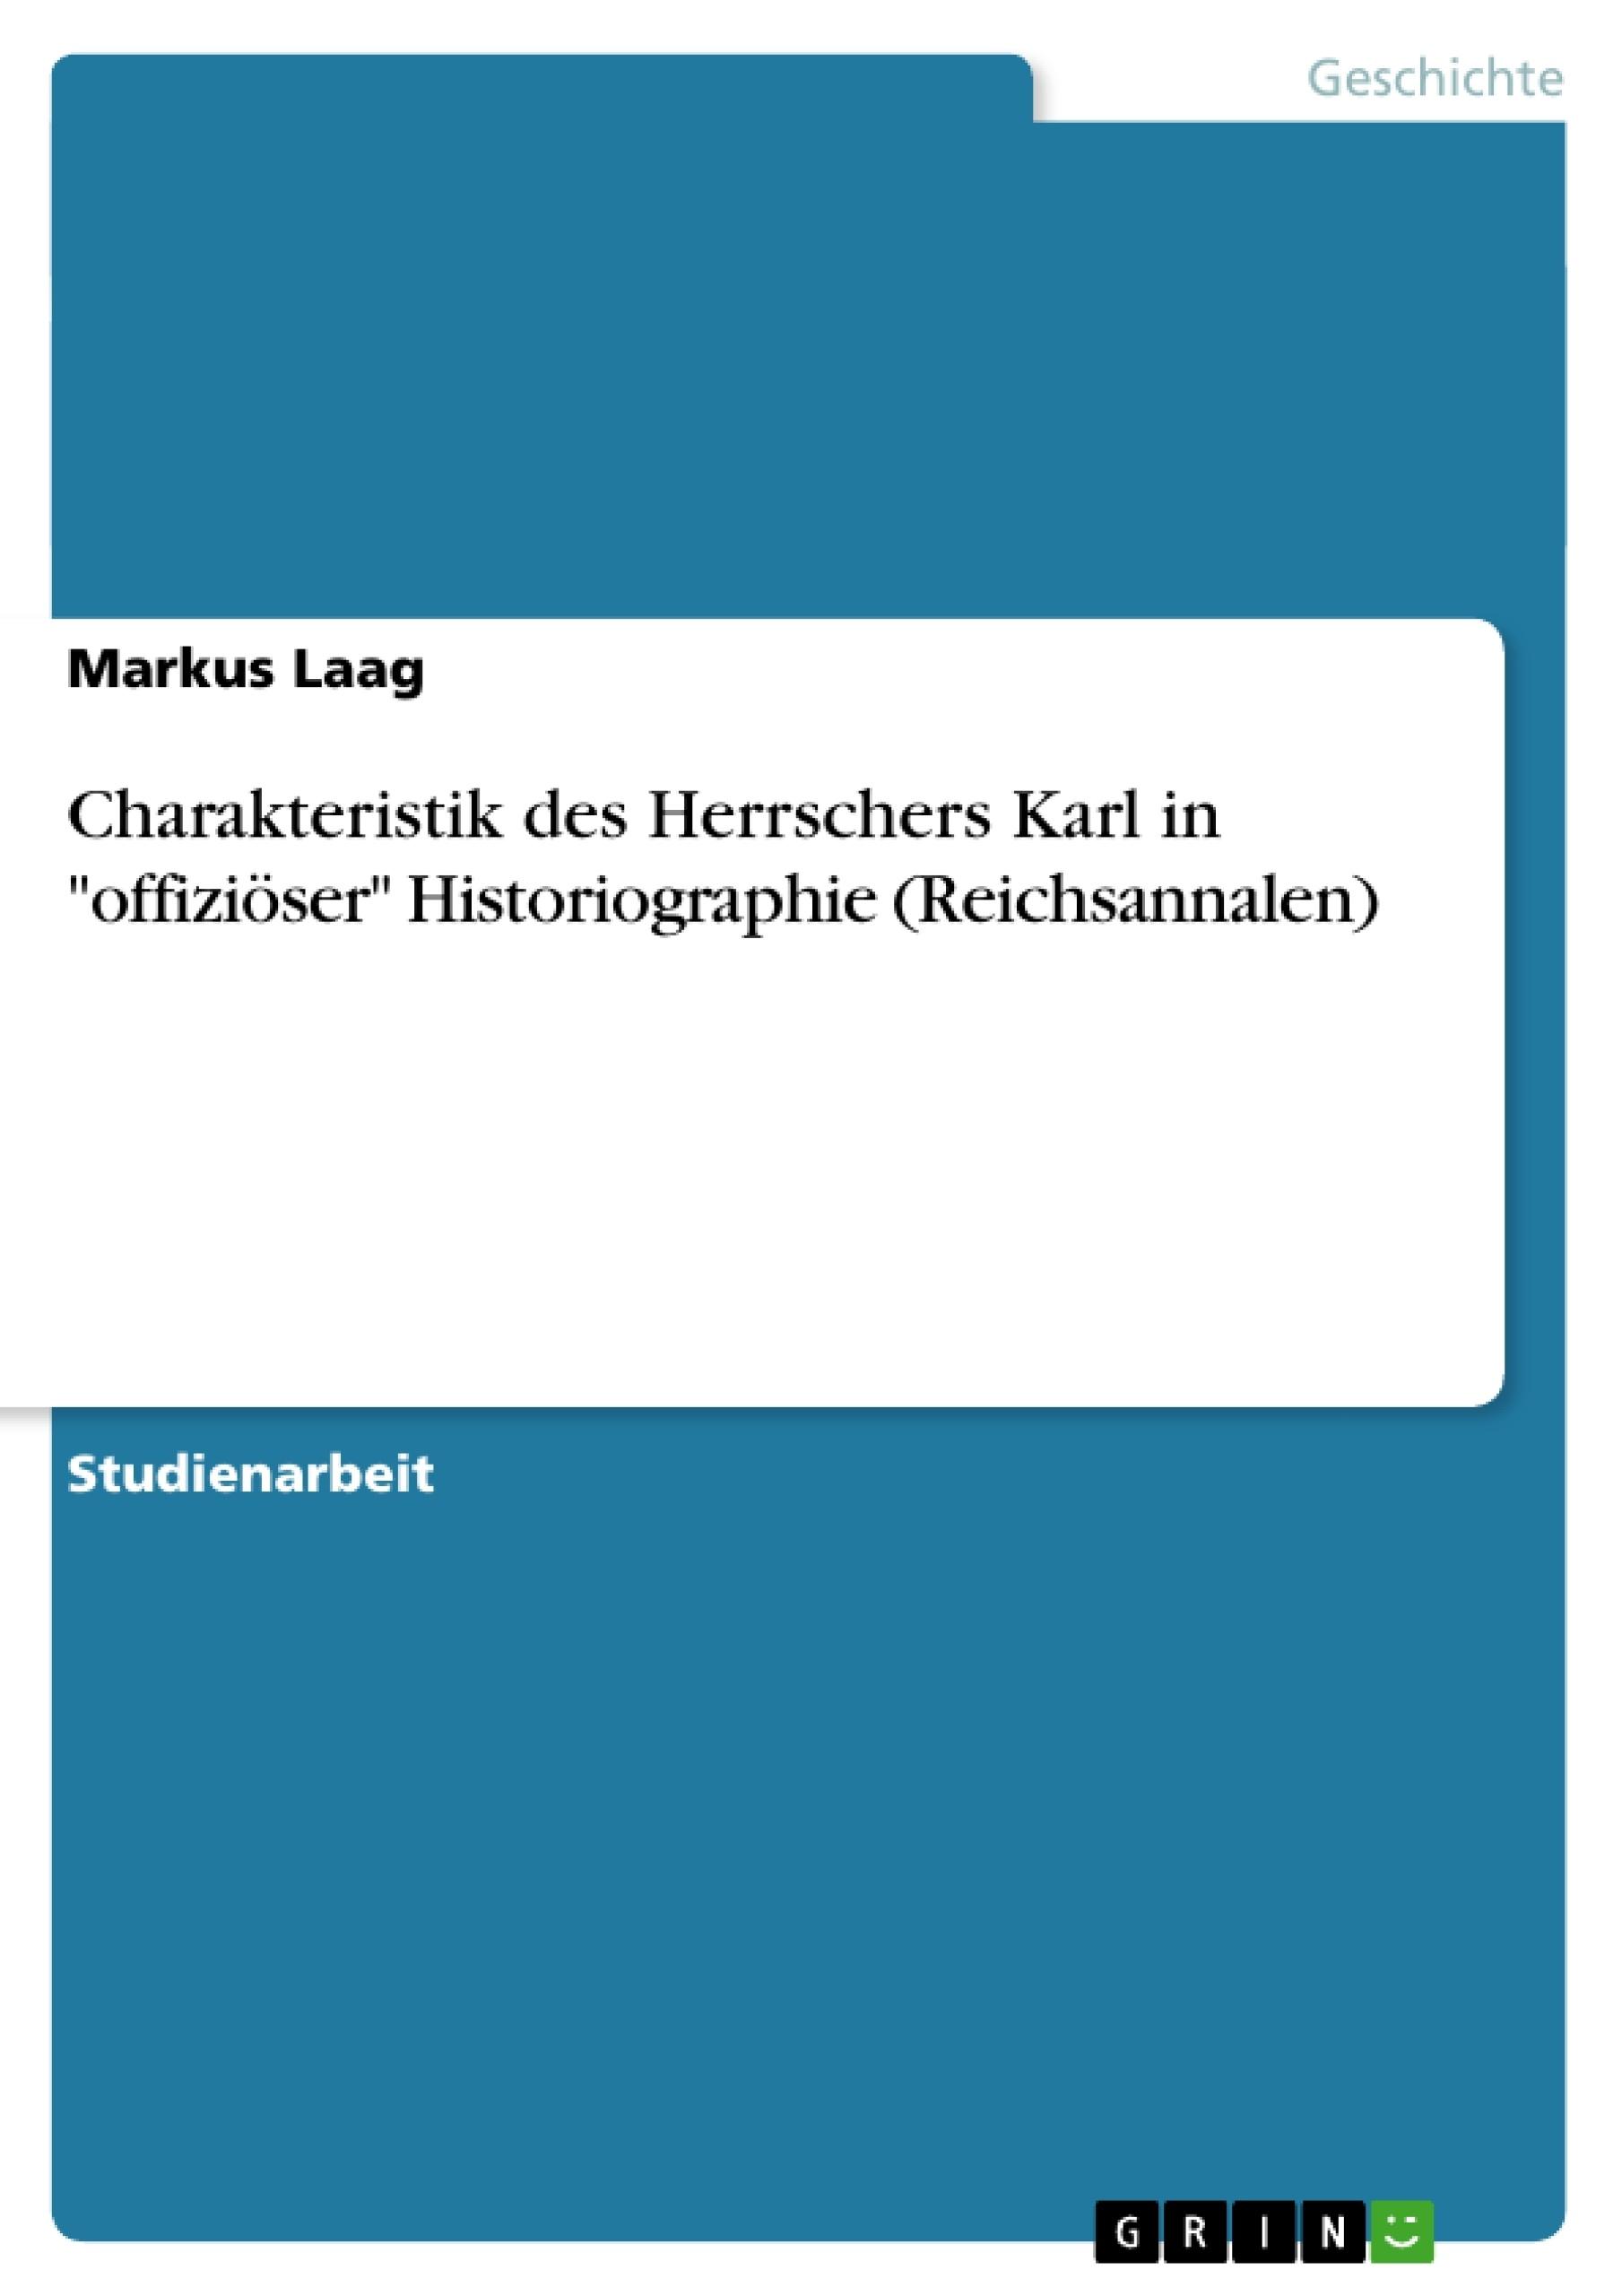 """Titel: Charakteristik des Herrschers Karl in """"offiziöser"""" Historiographie (Reichsannalen)"""